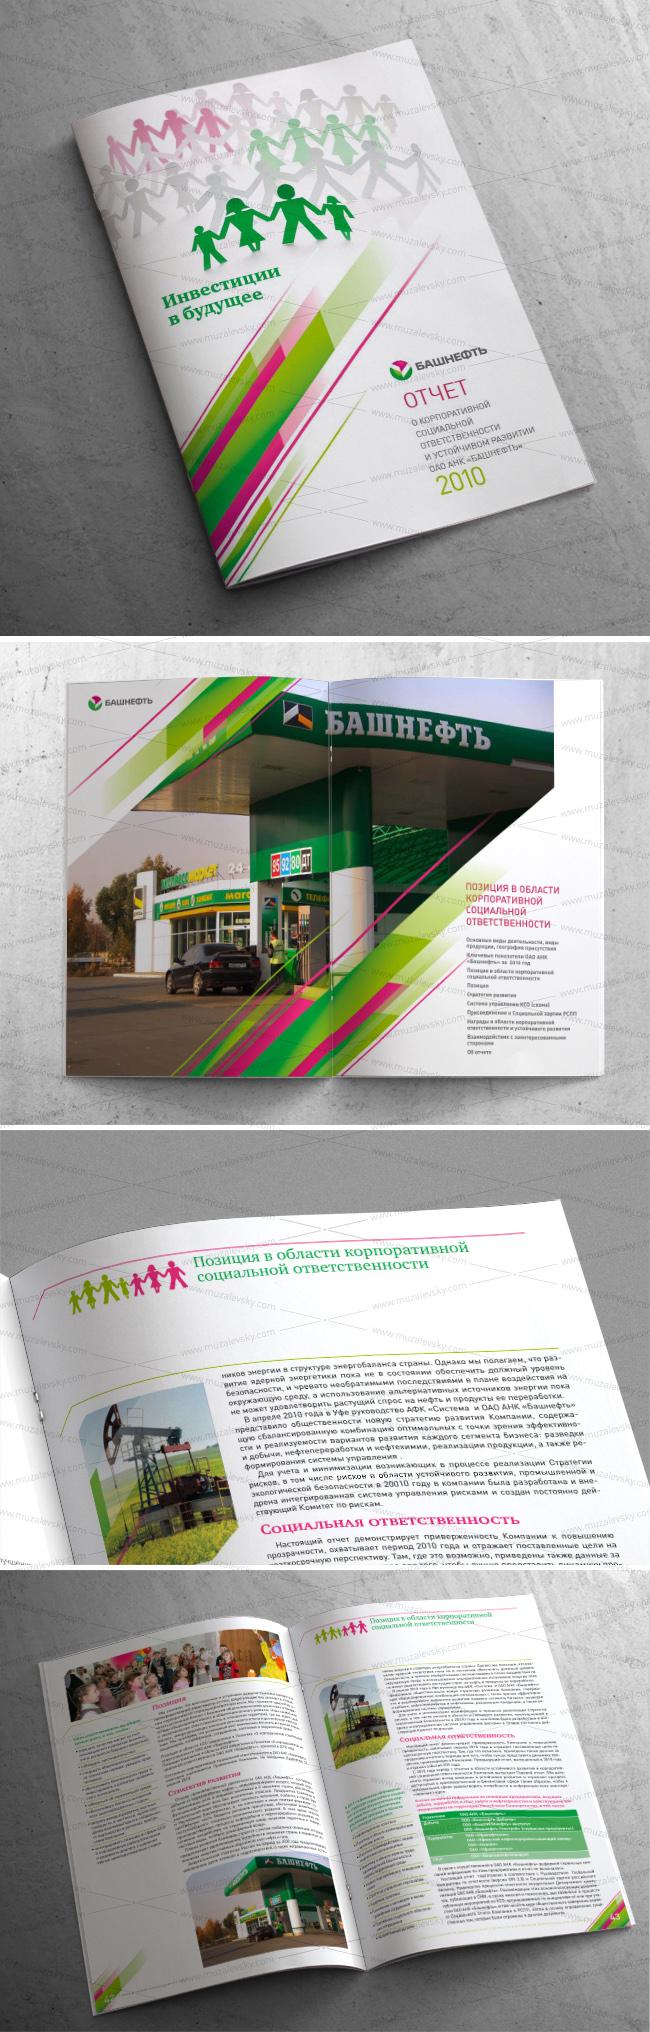 AnnualReport-Bashneft-2010